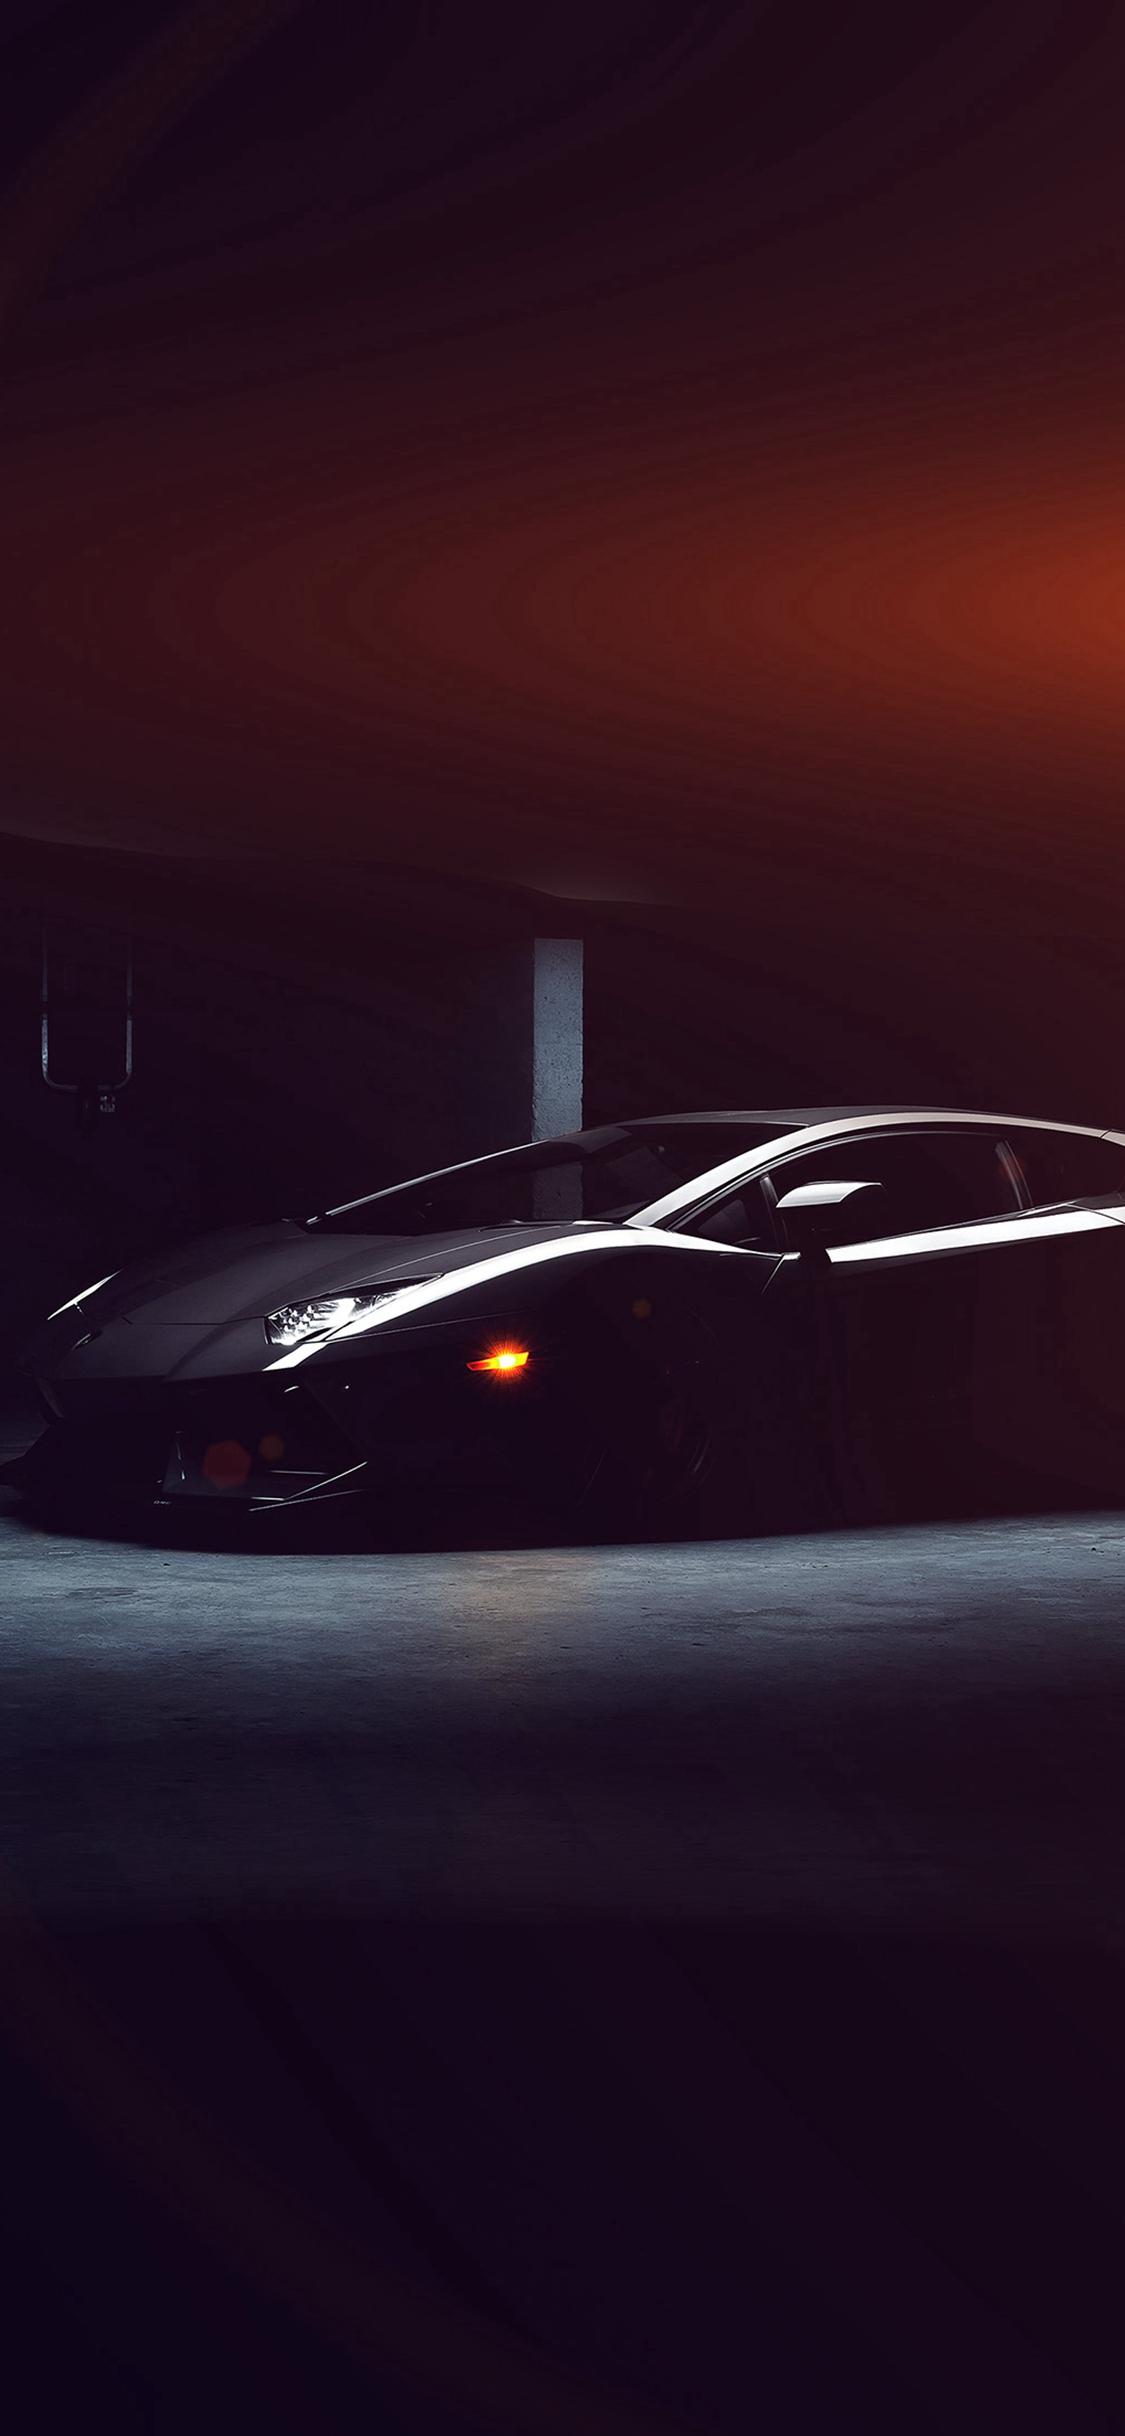 Lamborghini Car Dark Black Flare Iphone X Wallpapers Free Download